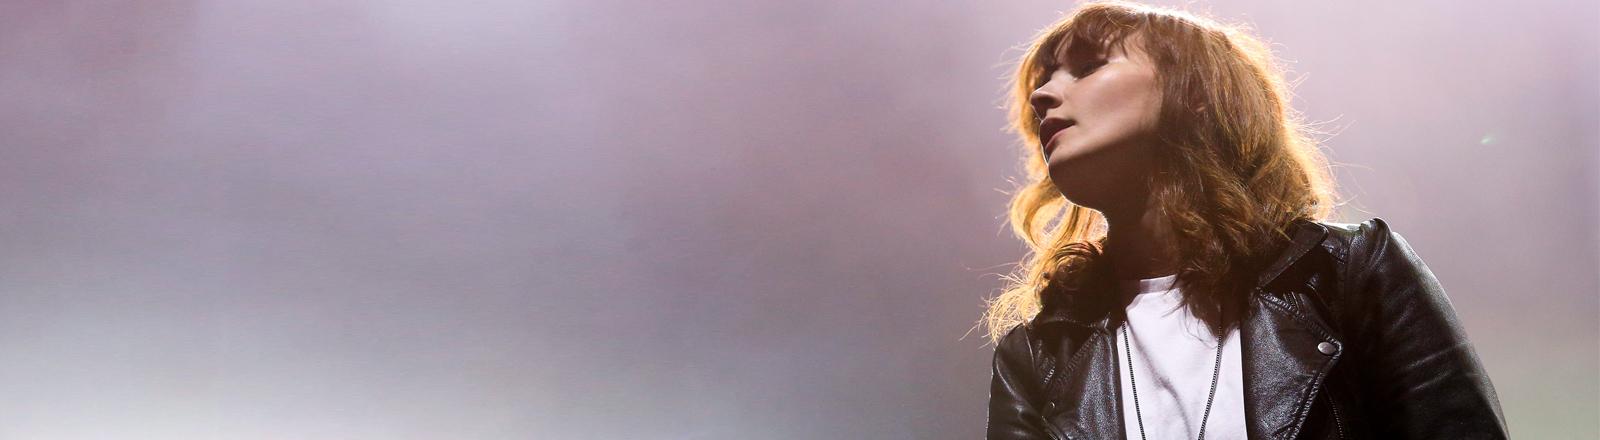 Die Sängerin der Band Chvrches, Lauren Mayberry, am 21.08.2014.